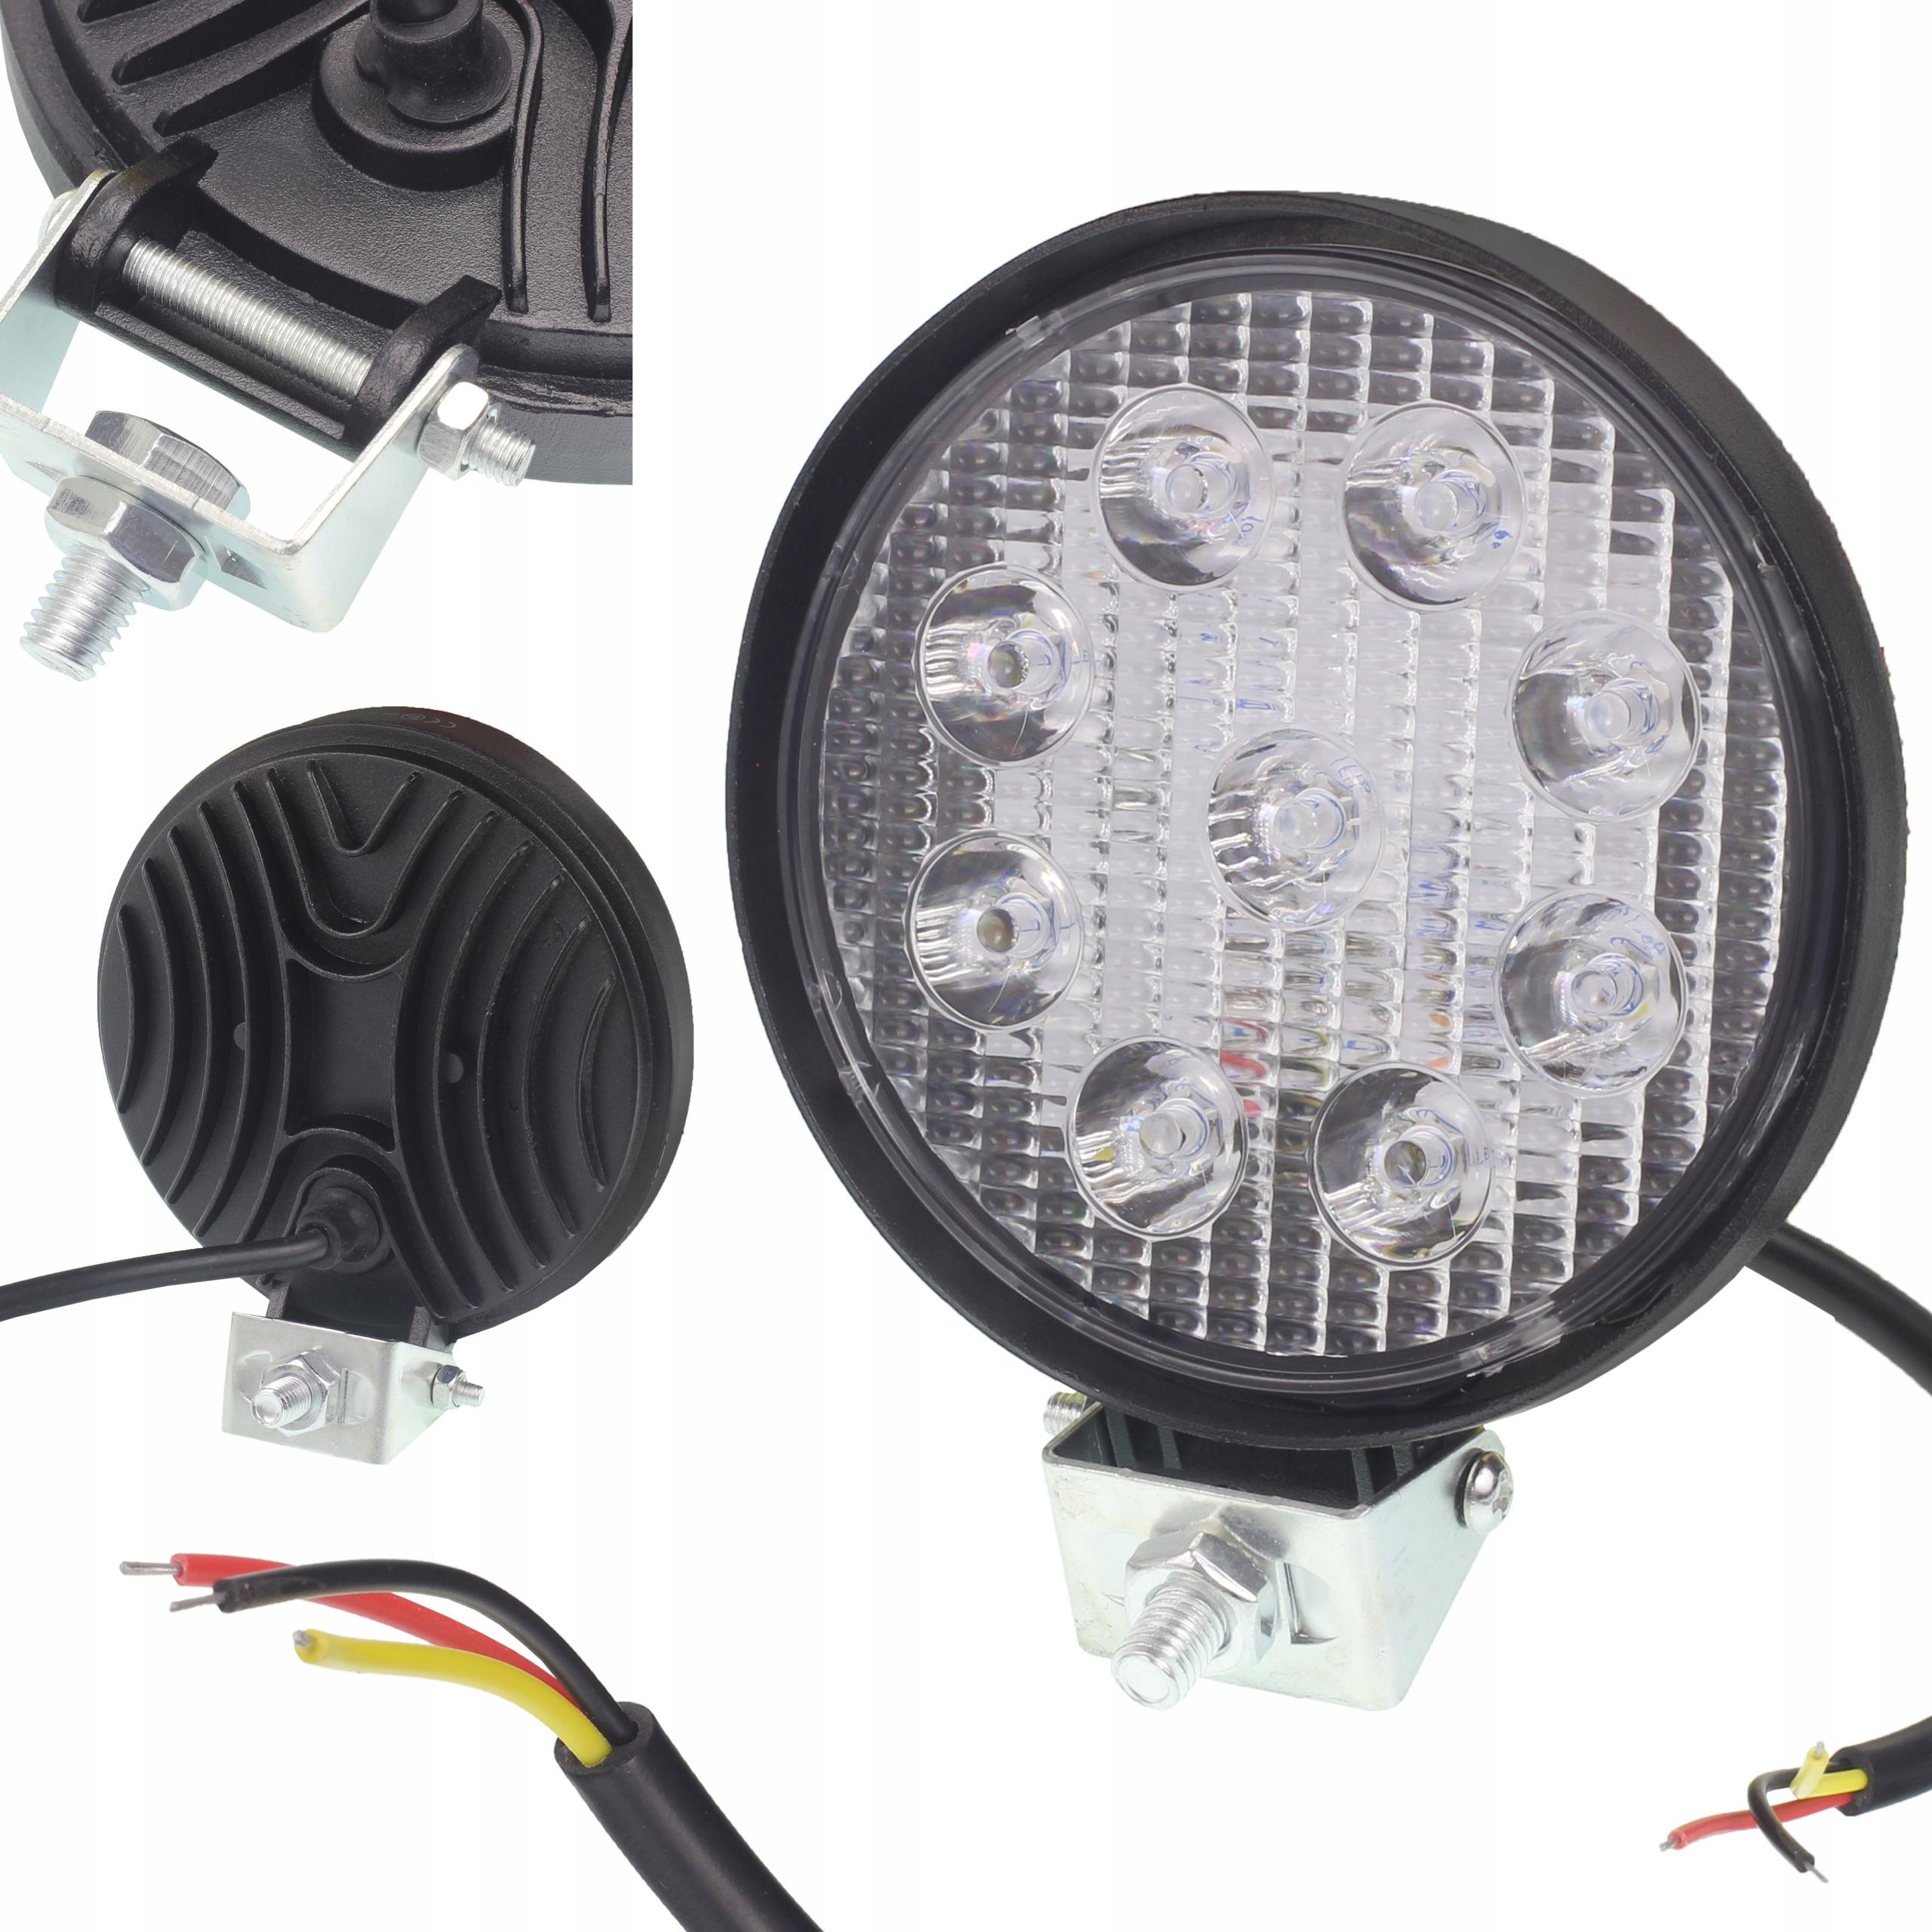 лампа рабочая ledowa галоген прожектора 9 led 12-30v